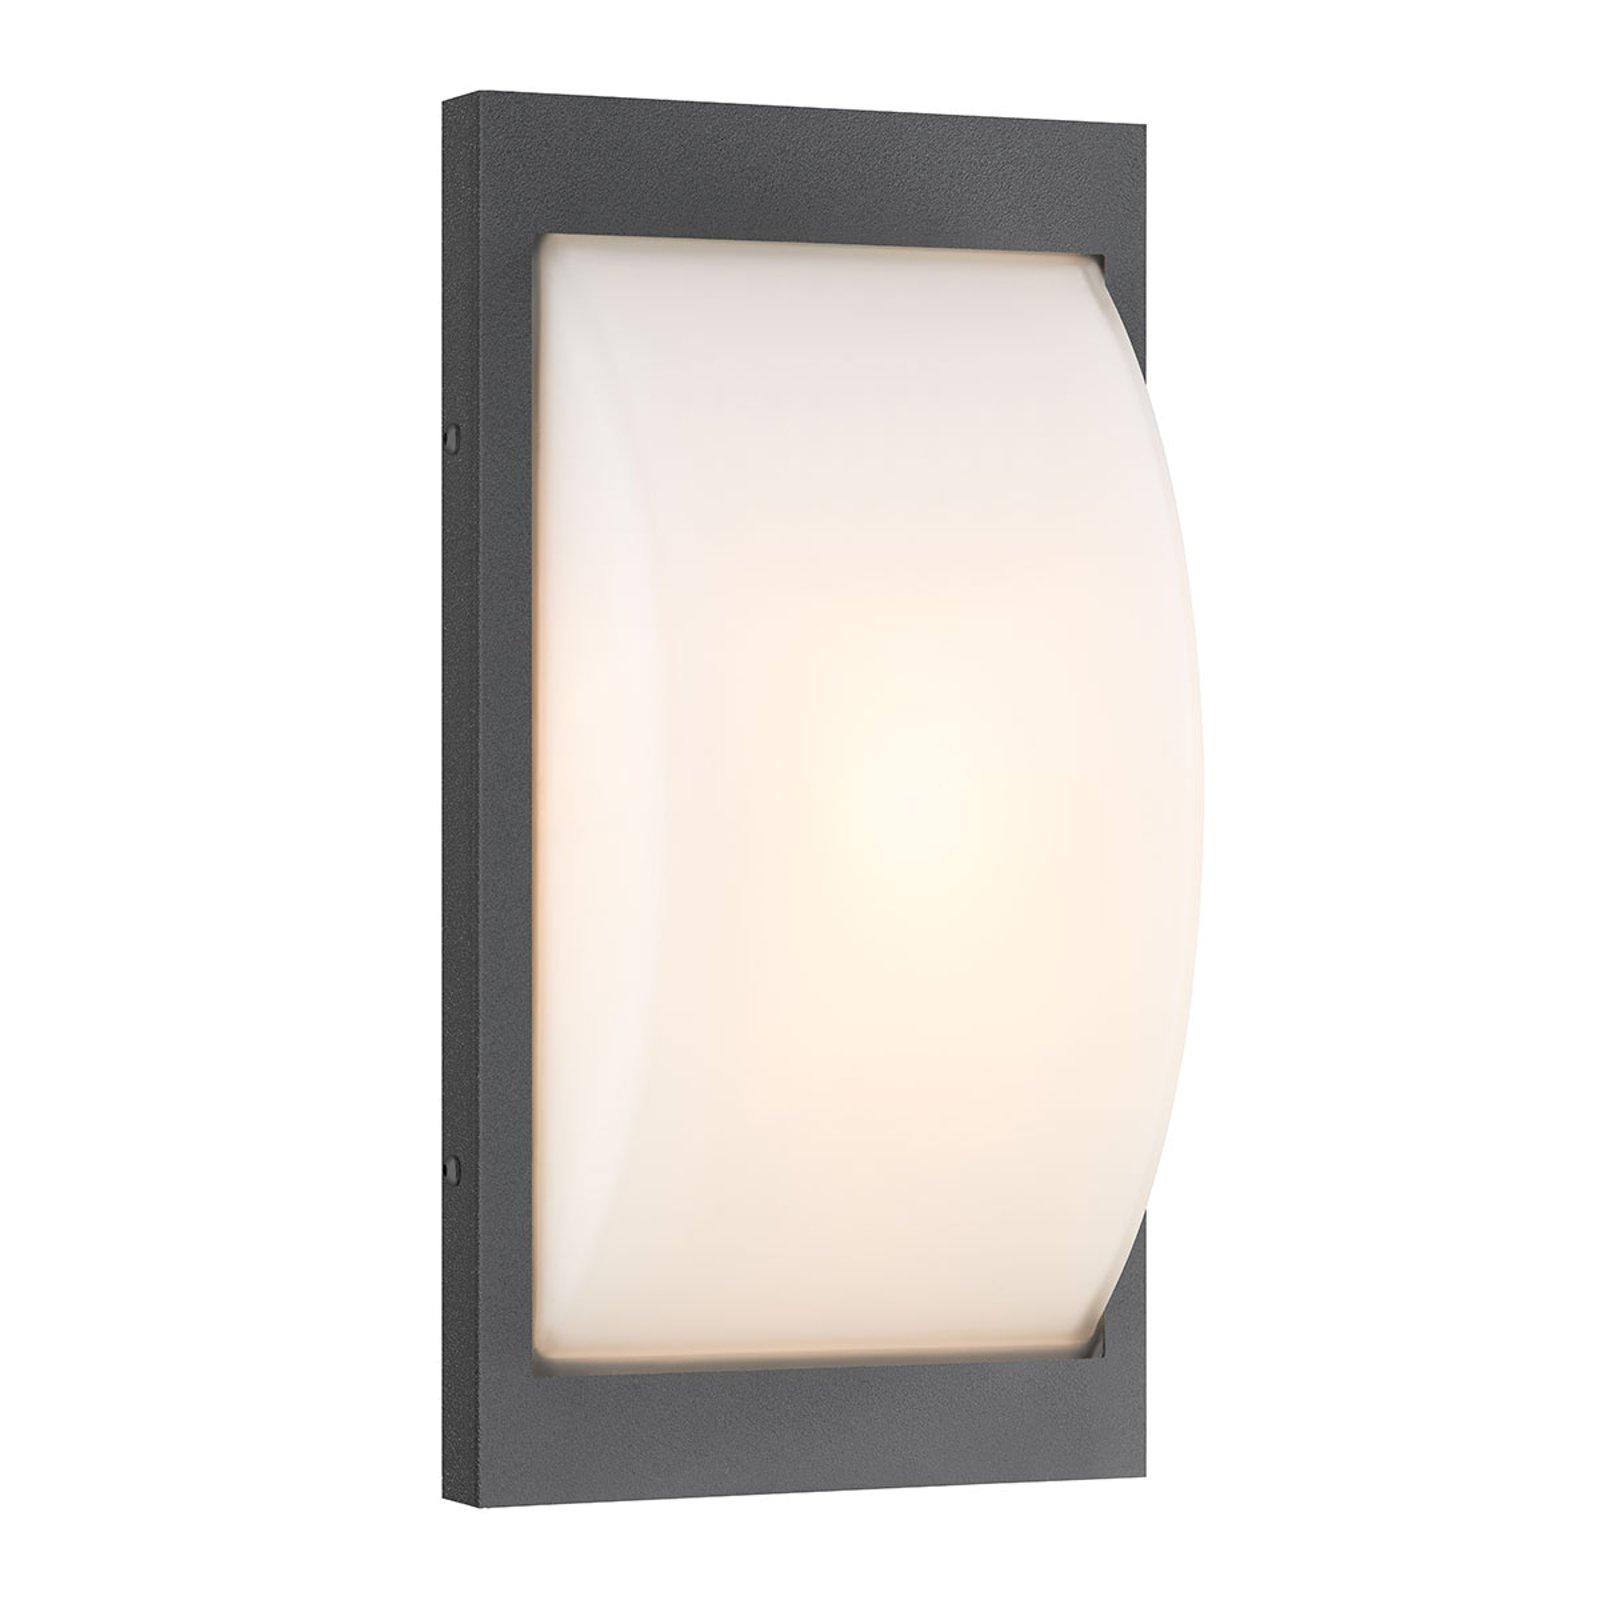 069SEN type utendørs LED-vegglampe grafitt